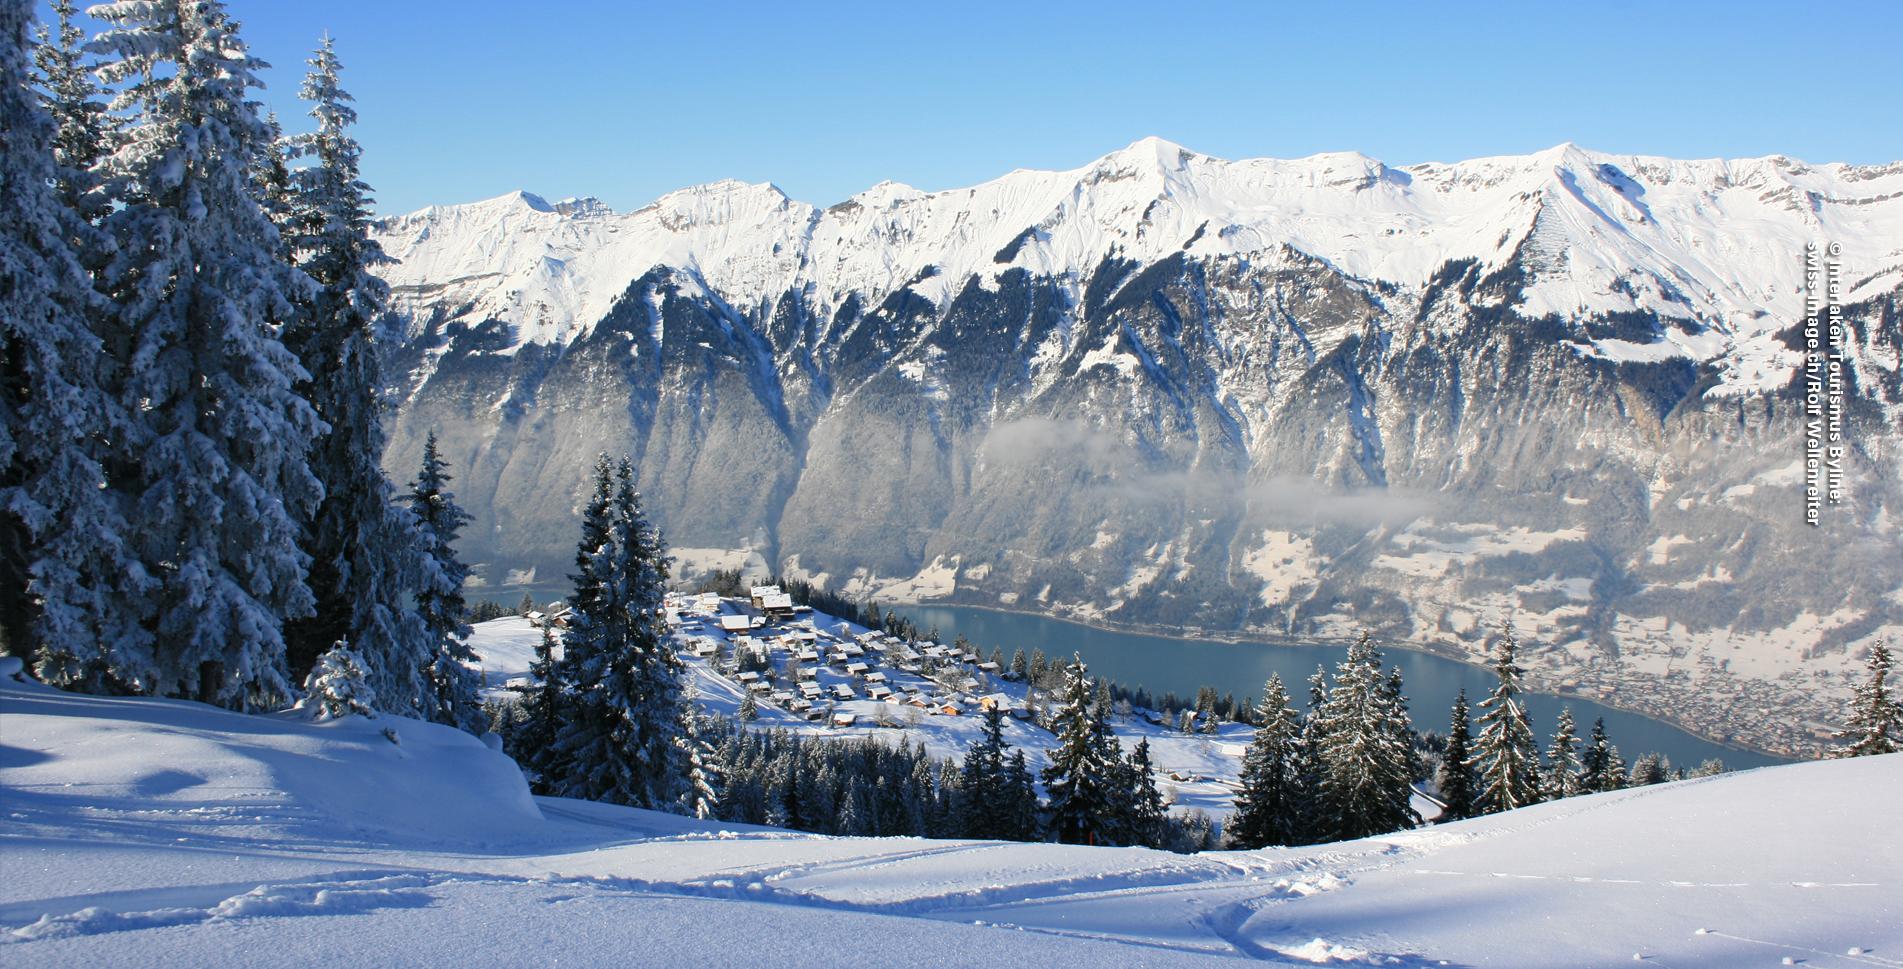 Schneeschuhtour auf der Axalp, oberhalb Brienz, zum Hinterburgseeli und wieder zurück zur Axalp